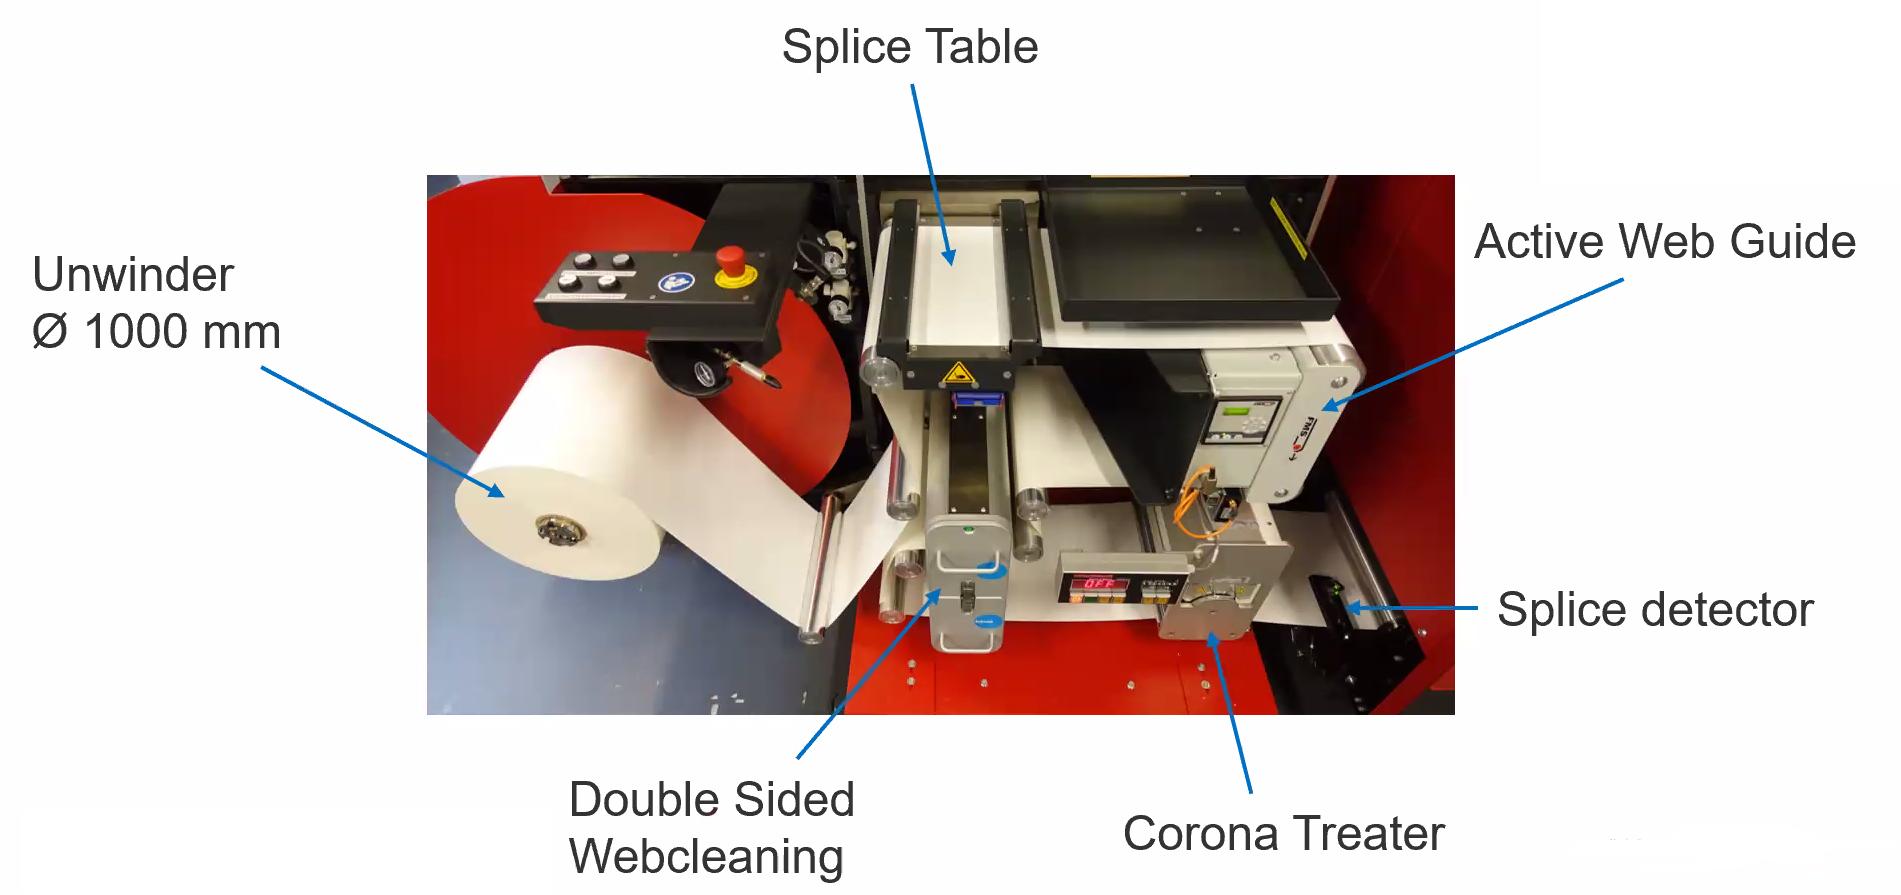 Модуль подготовки материала в Xeikon PX30000 с различными опциями, включая коронатор и очиститель полотна